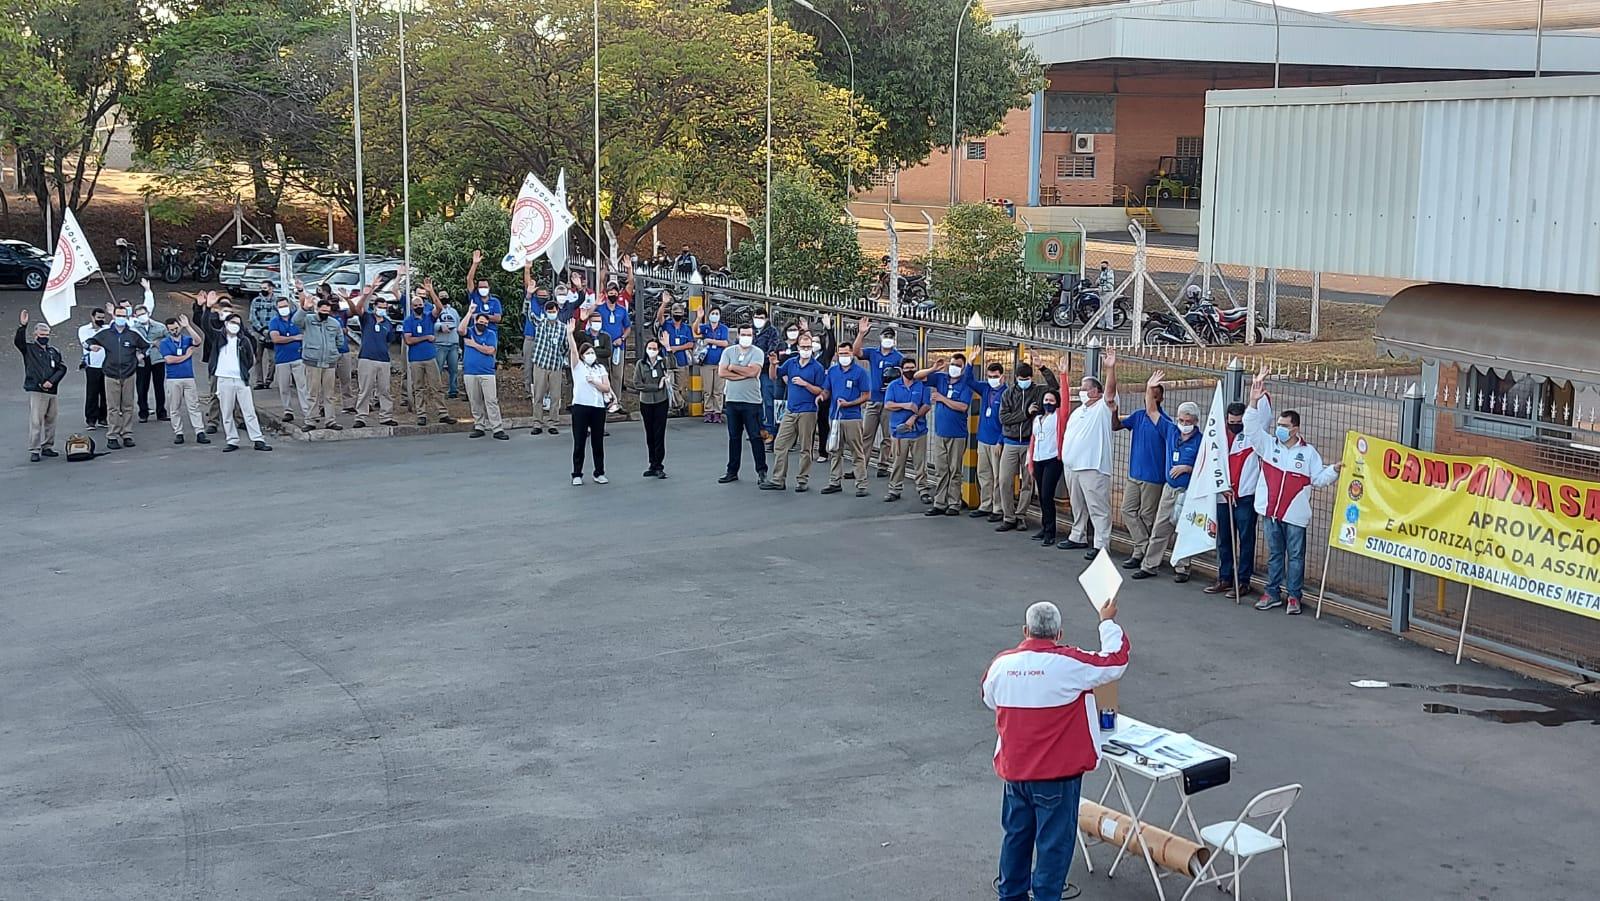 Metalúrgicos intensificam Campanha Salarial em Mococa e Região, debatem e lutam pelo Brasil!